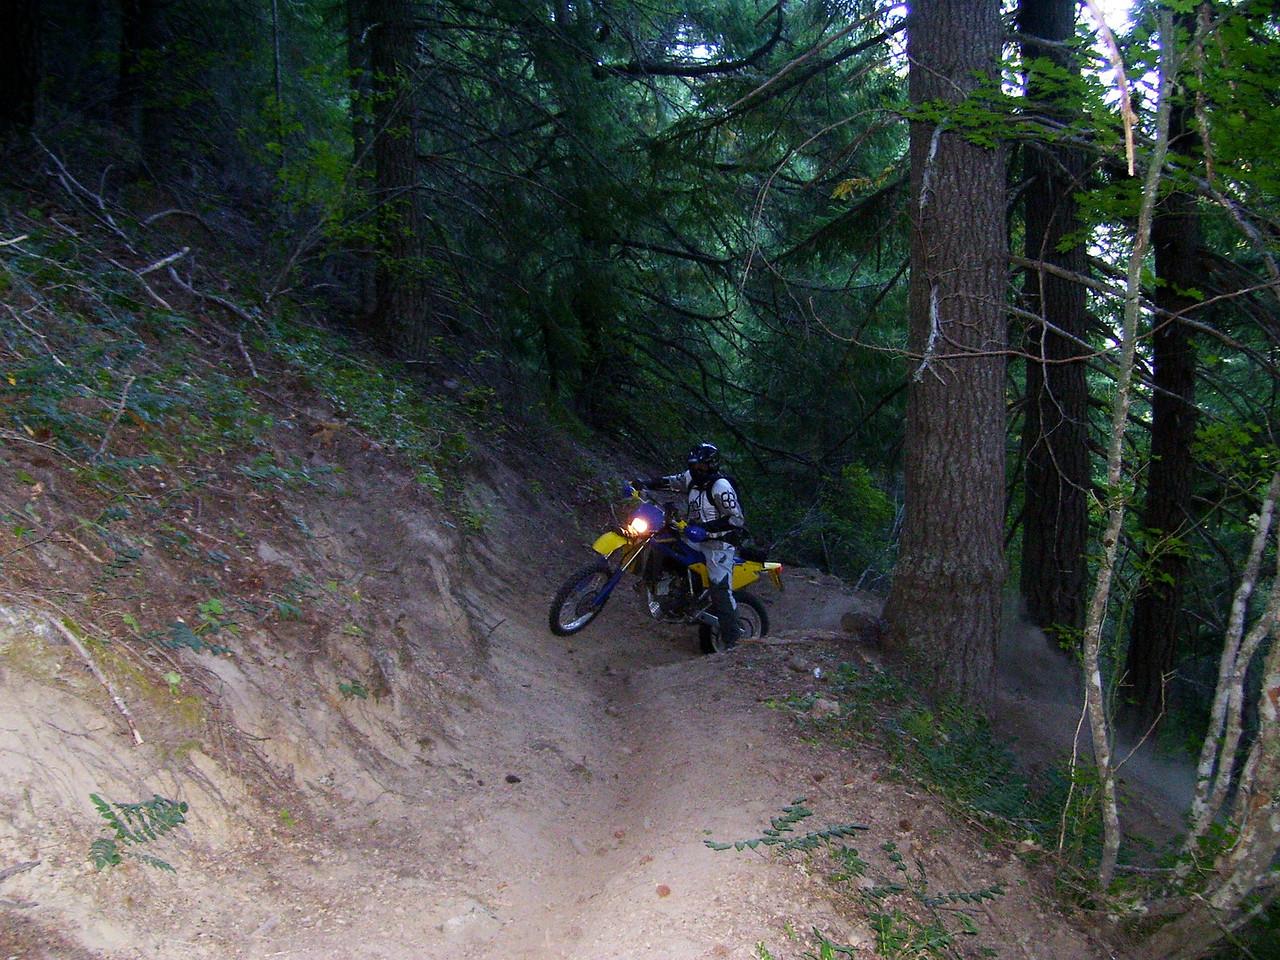 Thursday morning & Mark on the 110 trail